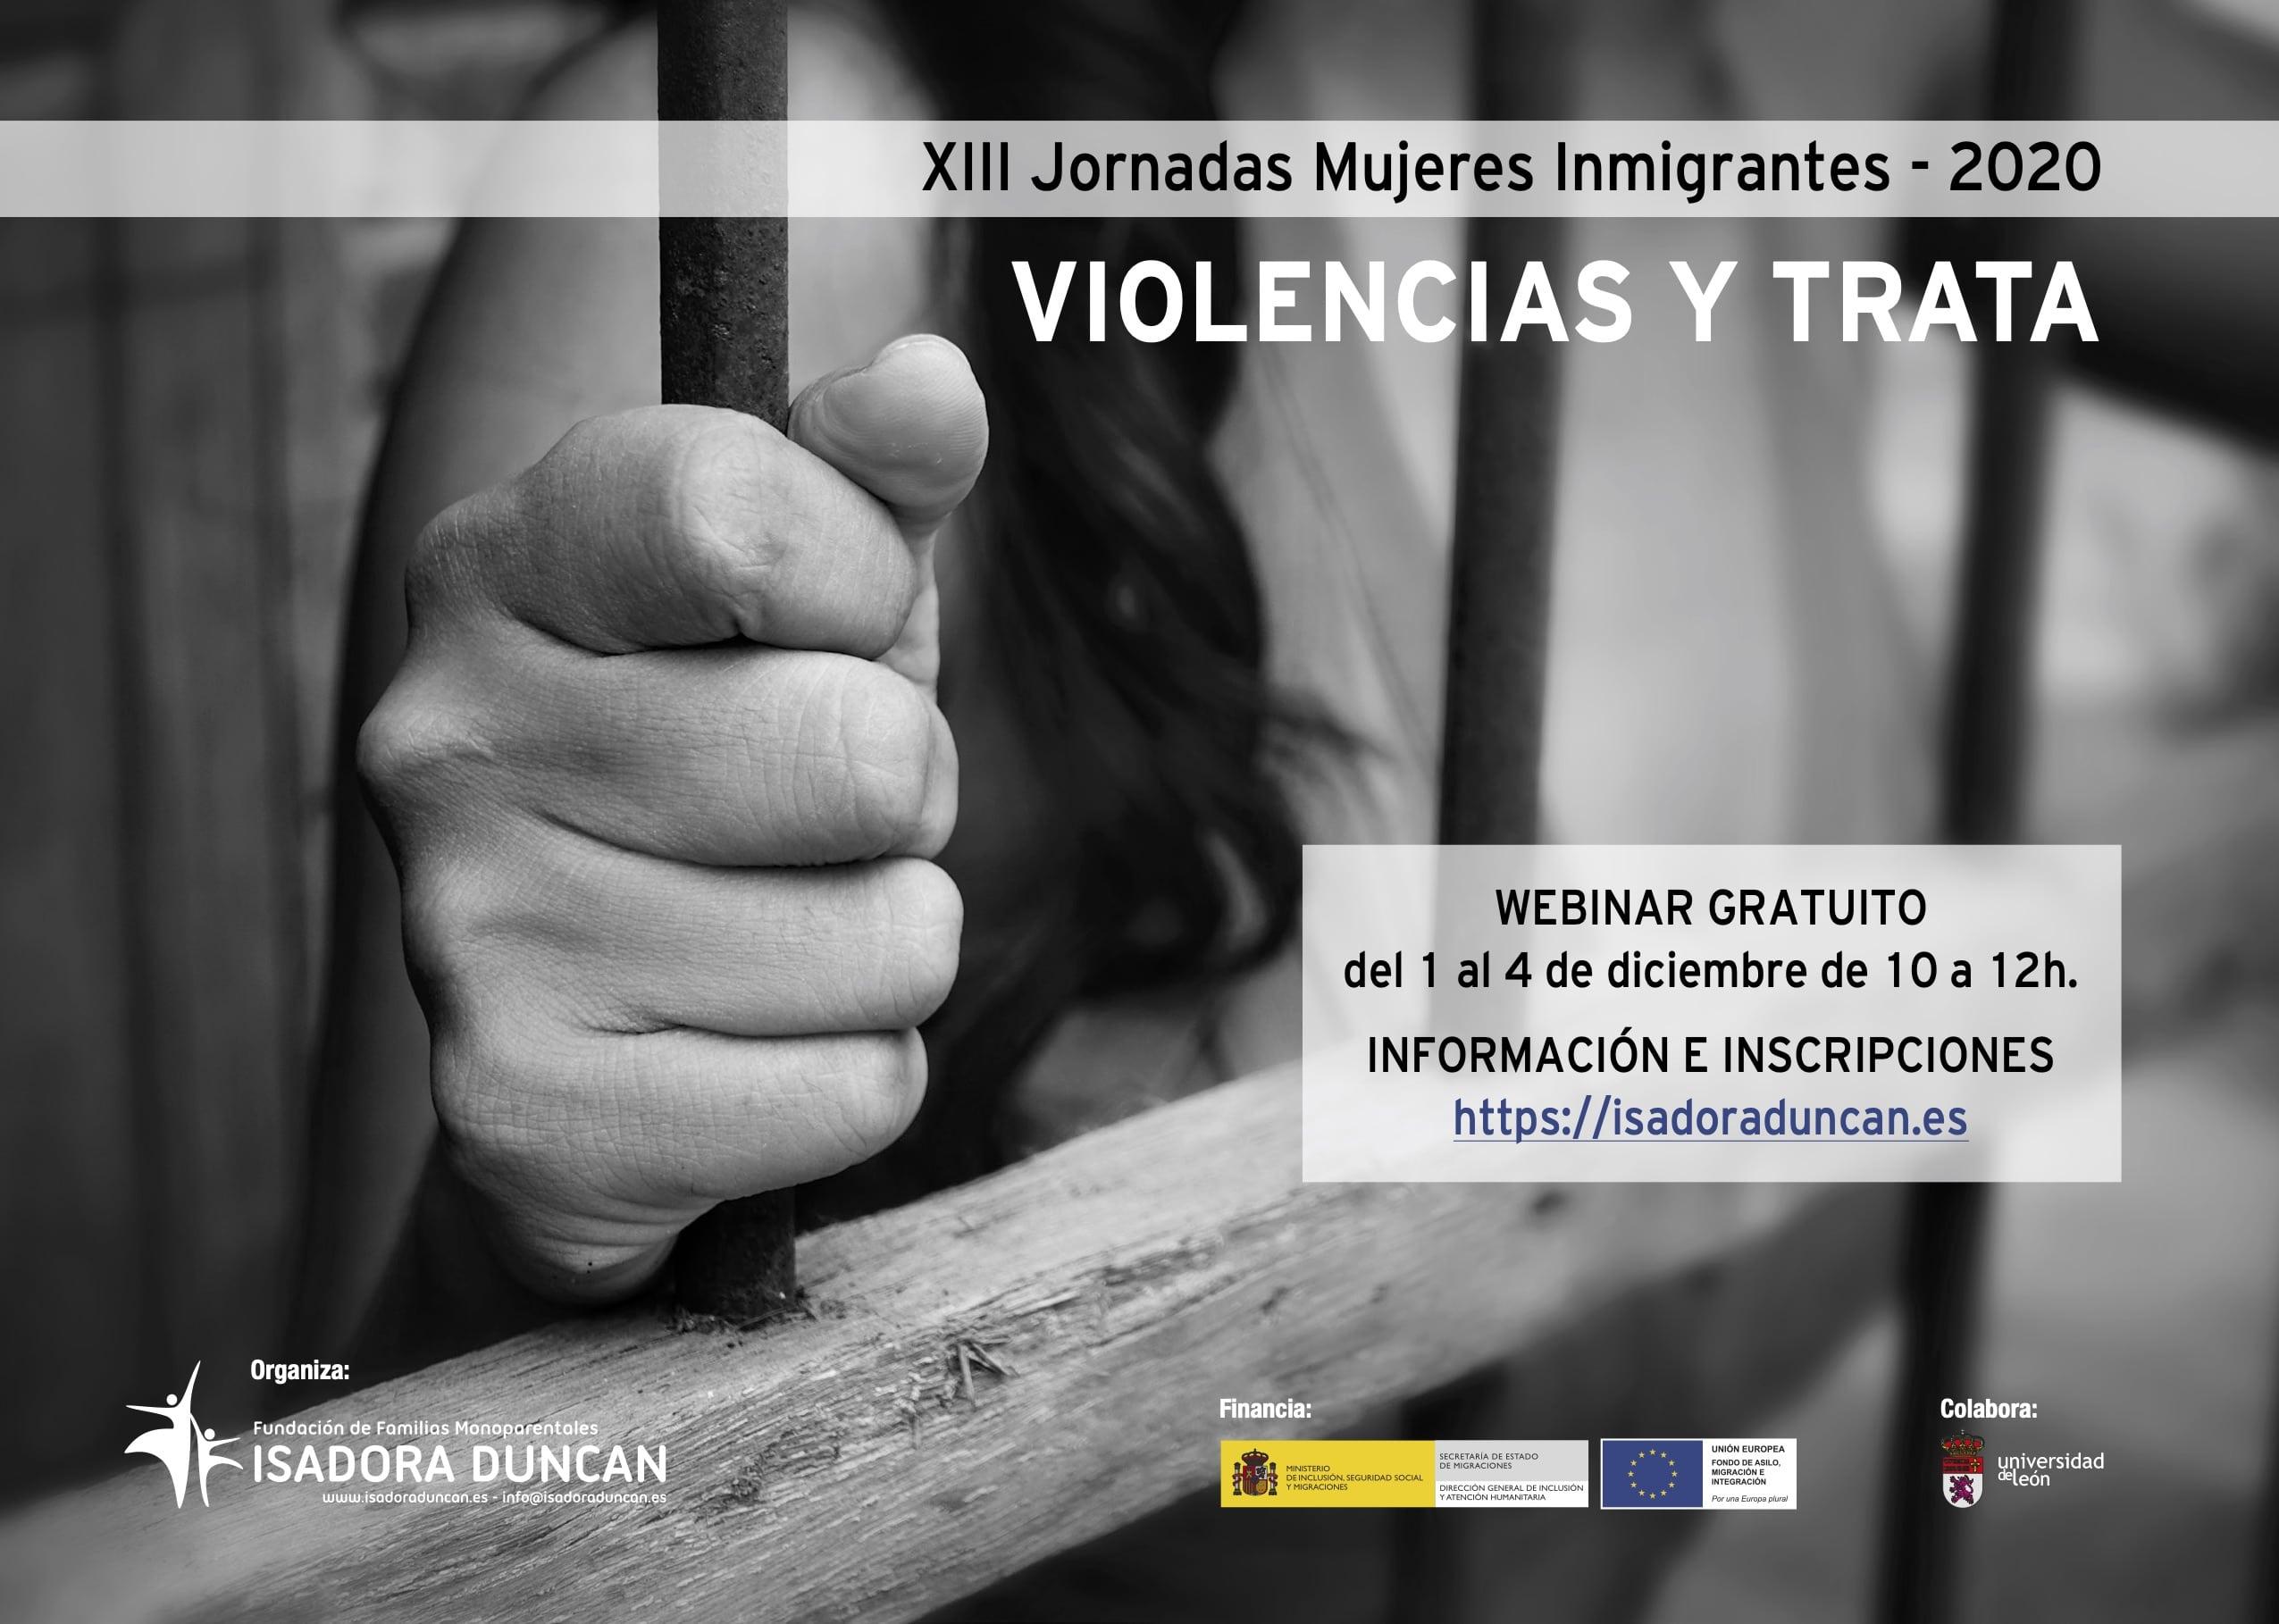 XIII Jornadas Mujeres Inmigrantes. Violencias y trata